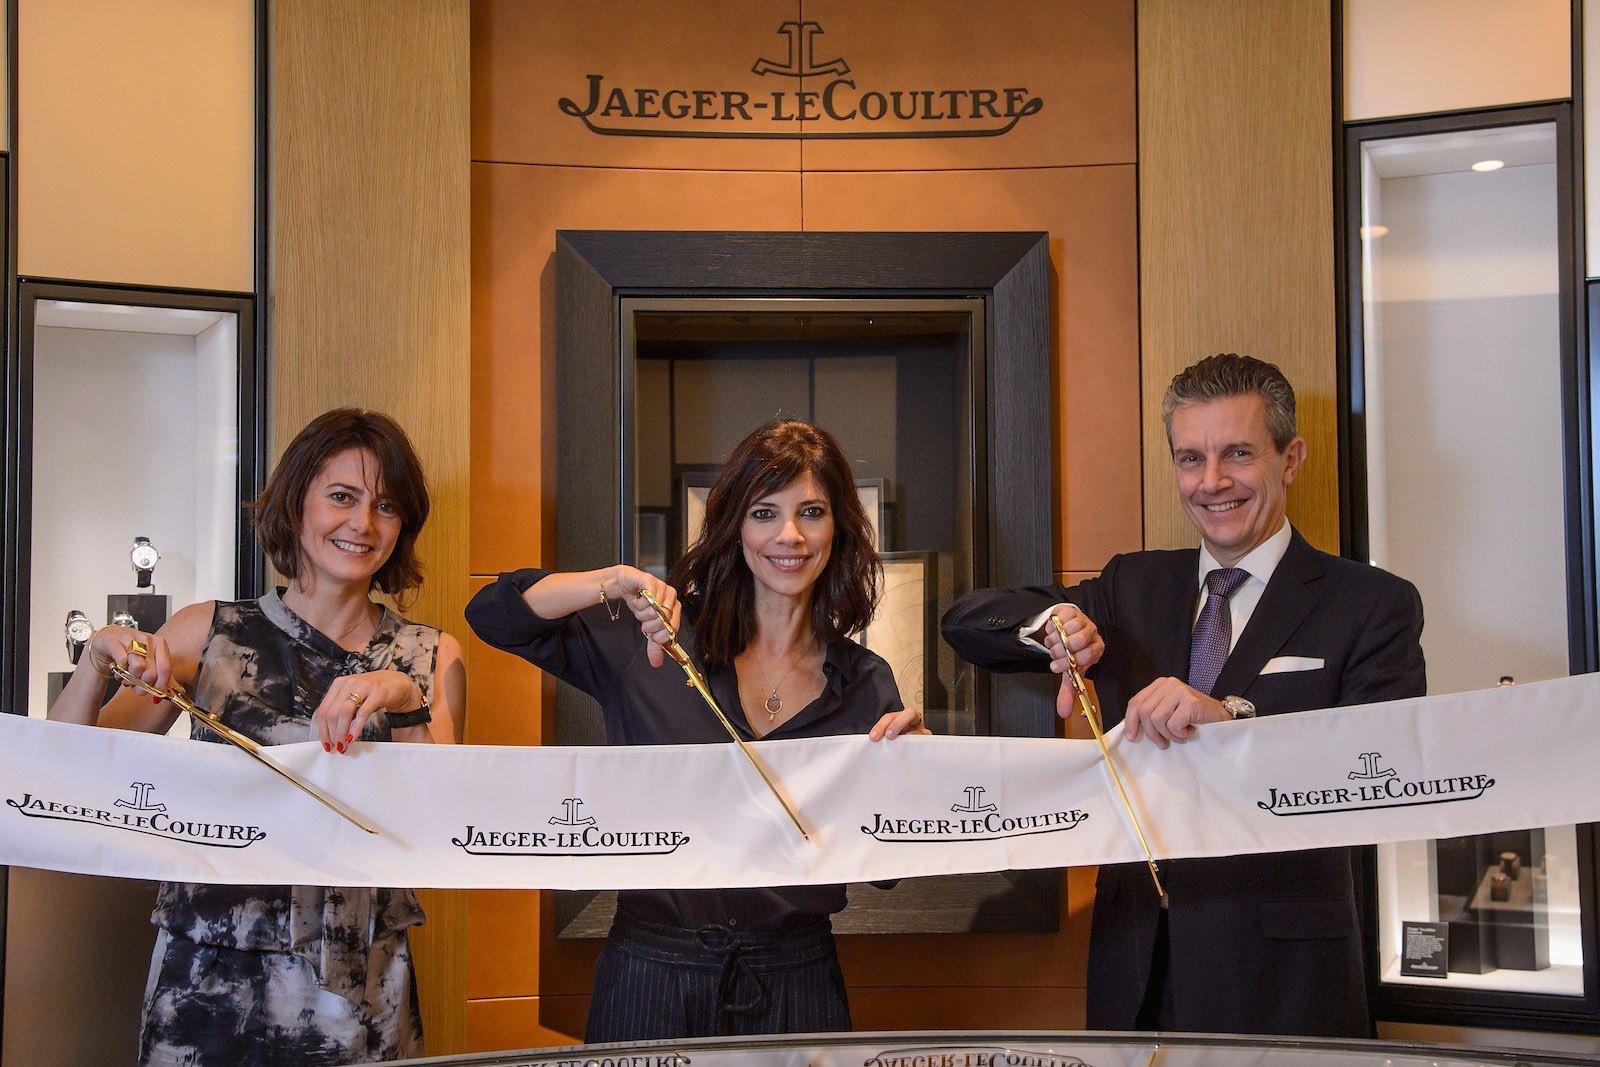 Jaeger-LeCoultre inaugura su nueva boutique en Madrid de la mano de Maribel Verdú